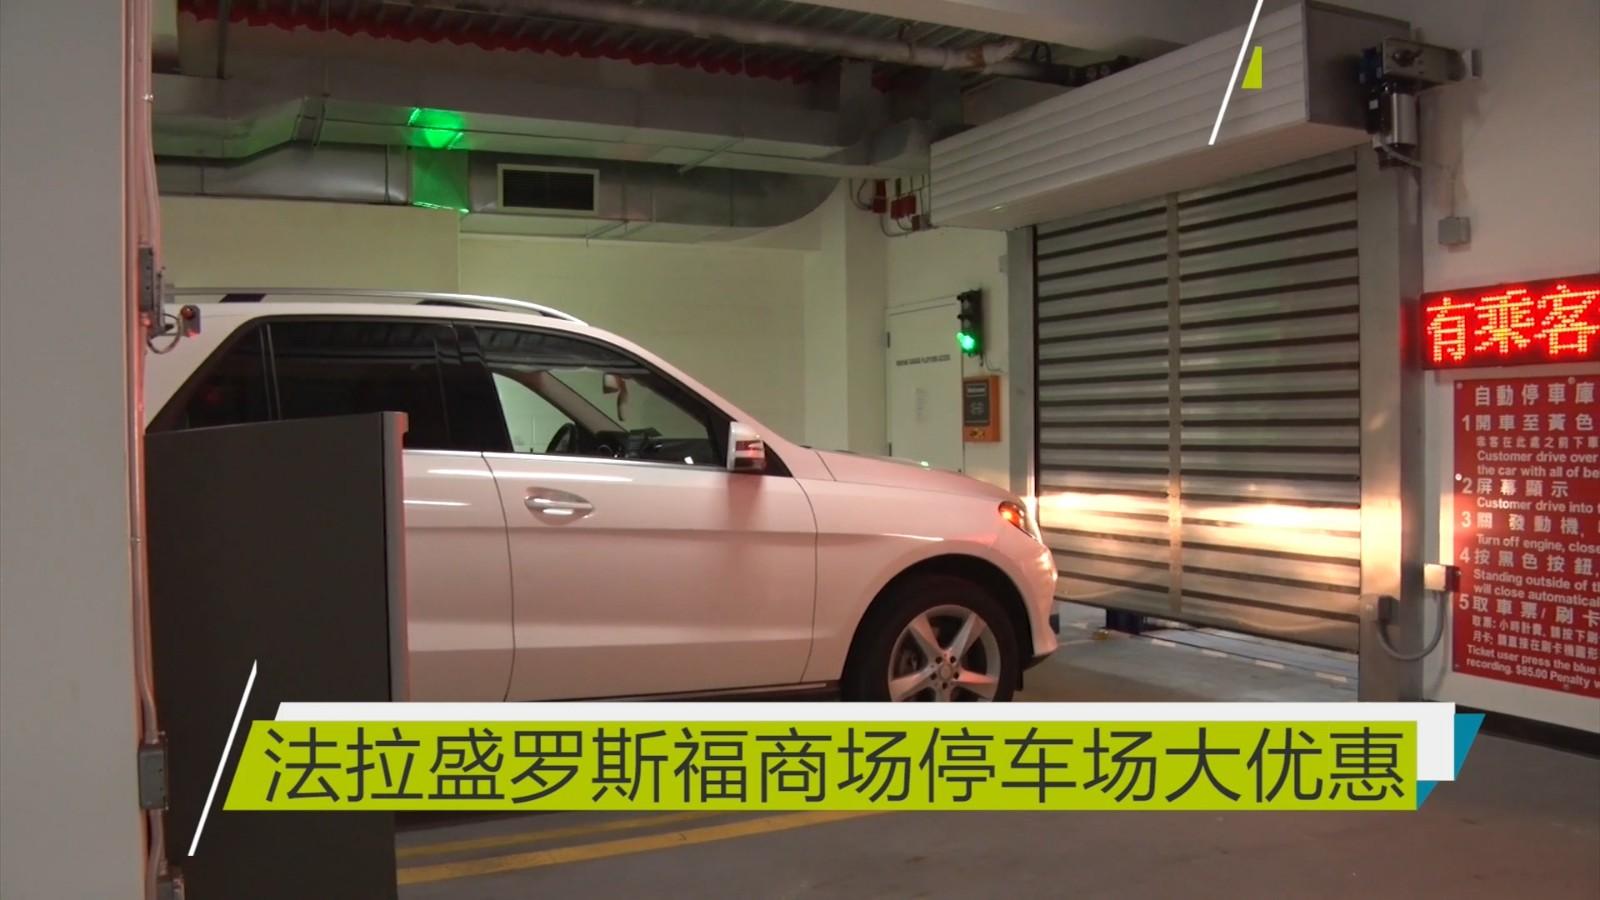 【视频】 法拉盛罗斯福商场停车场大优惠